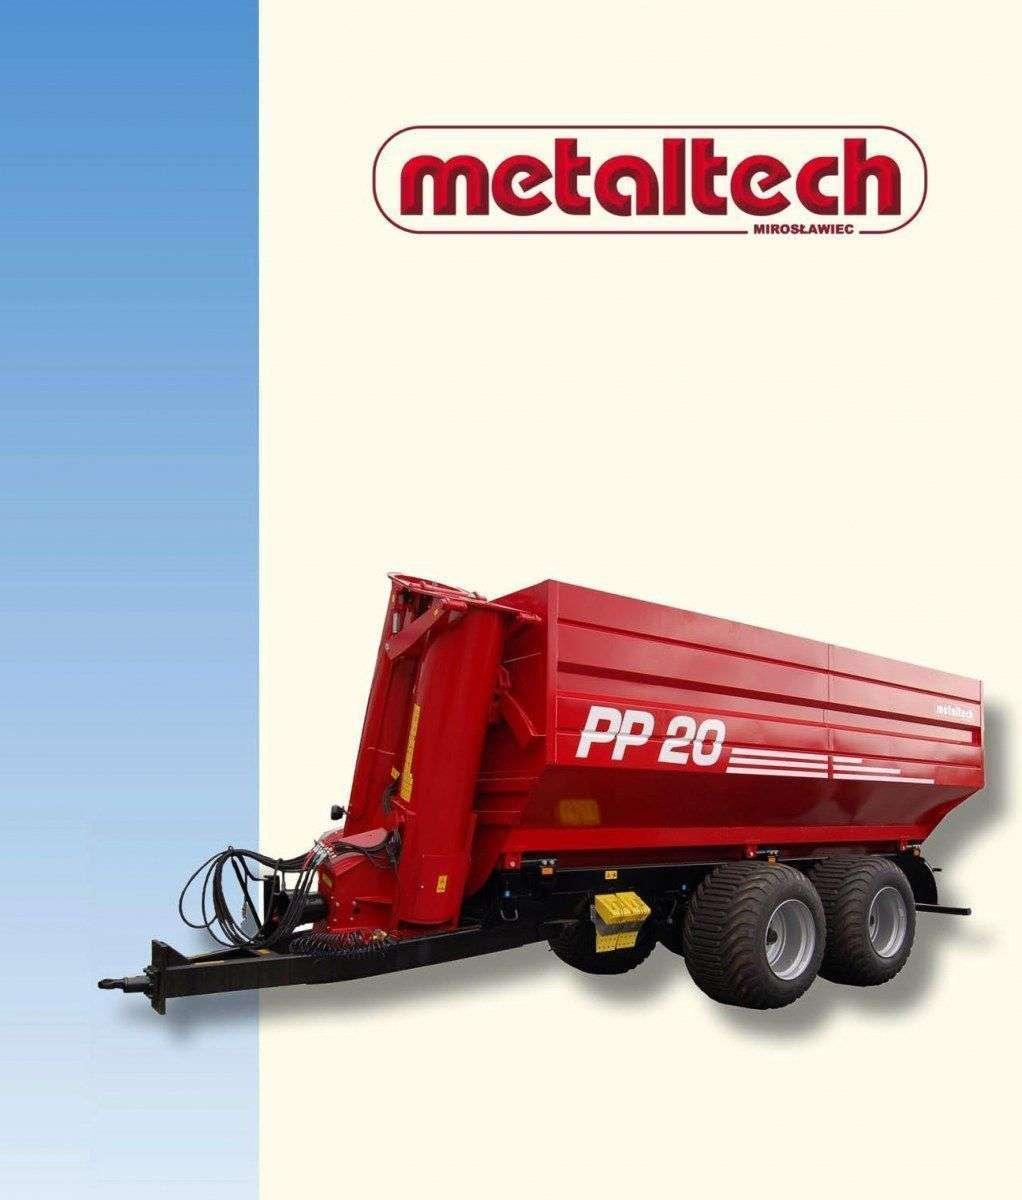 Przyczepa rolnicza firmy  Metaltech seria PP widok z lewej strony na jasnym tle